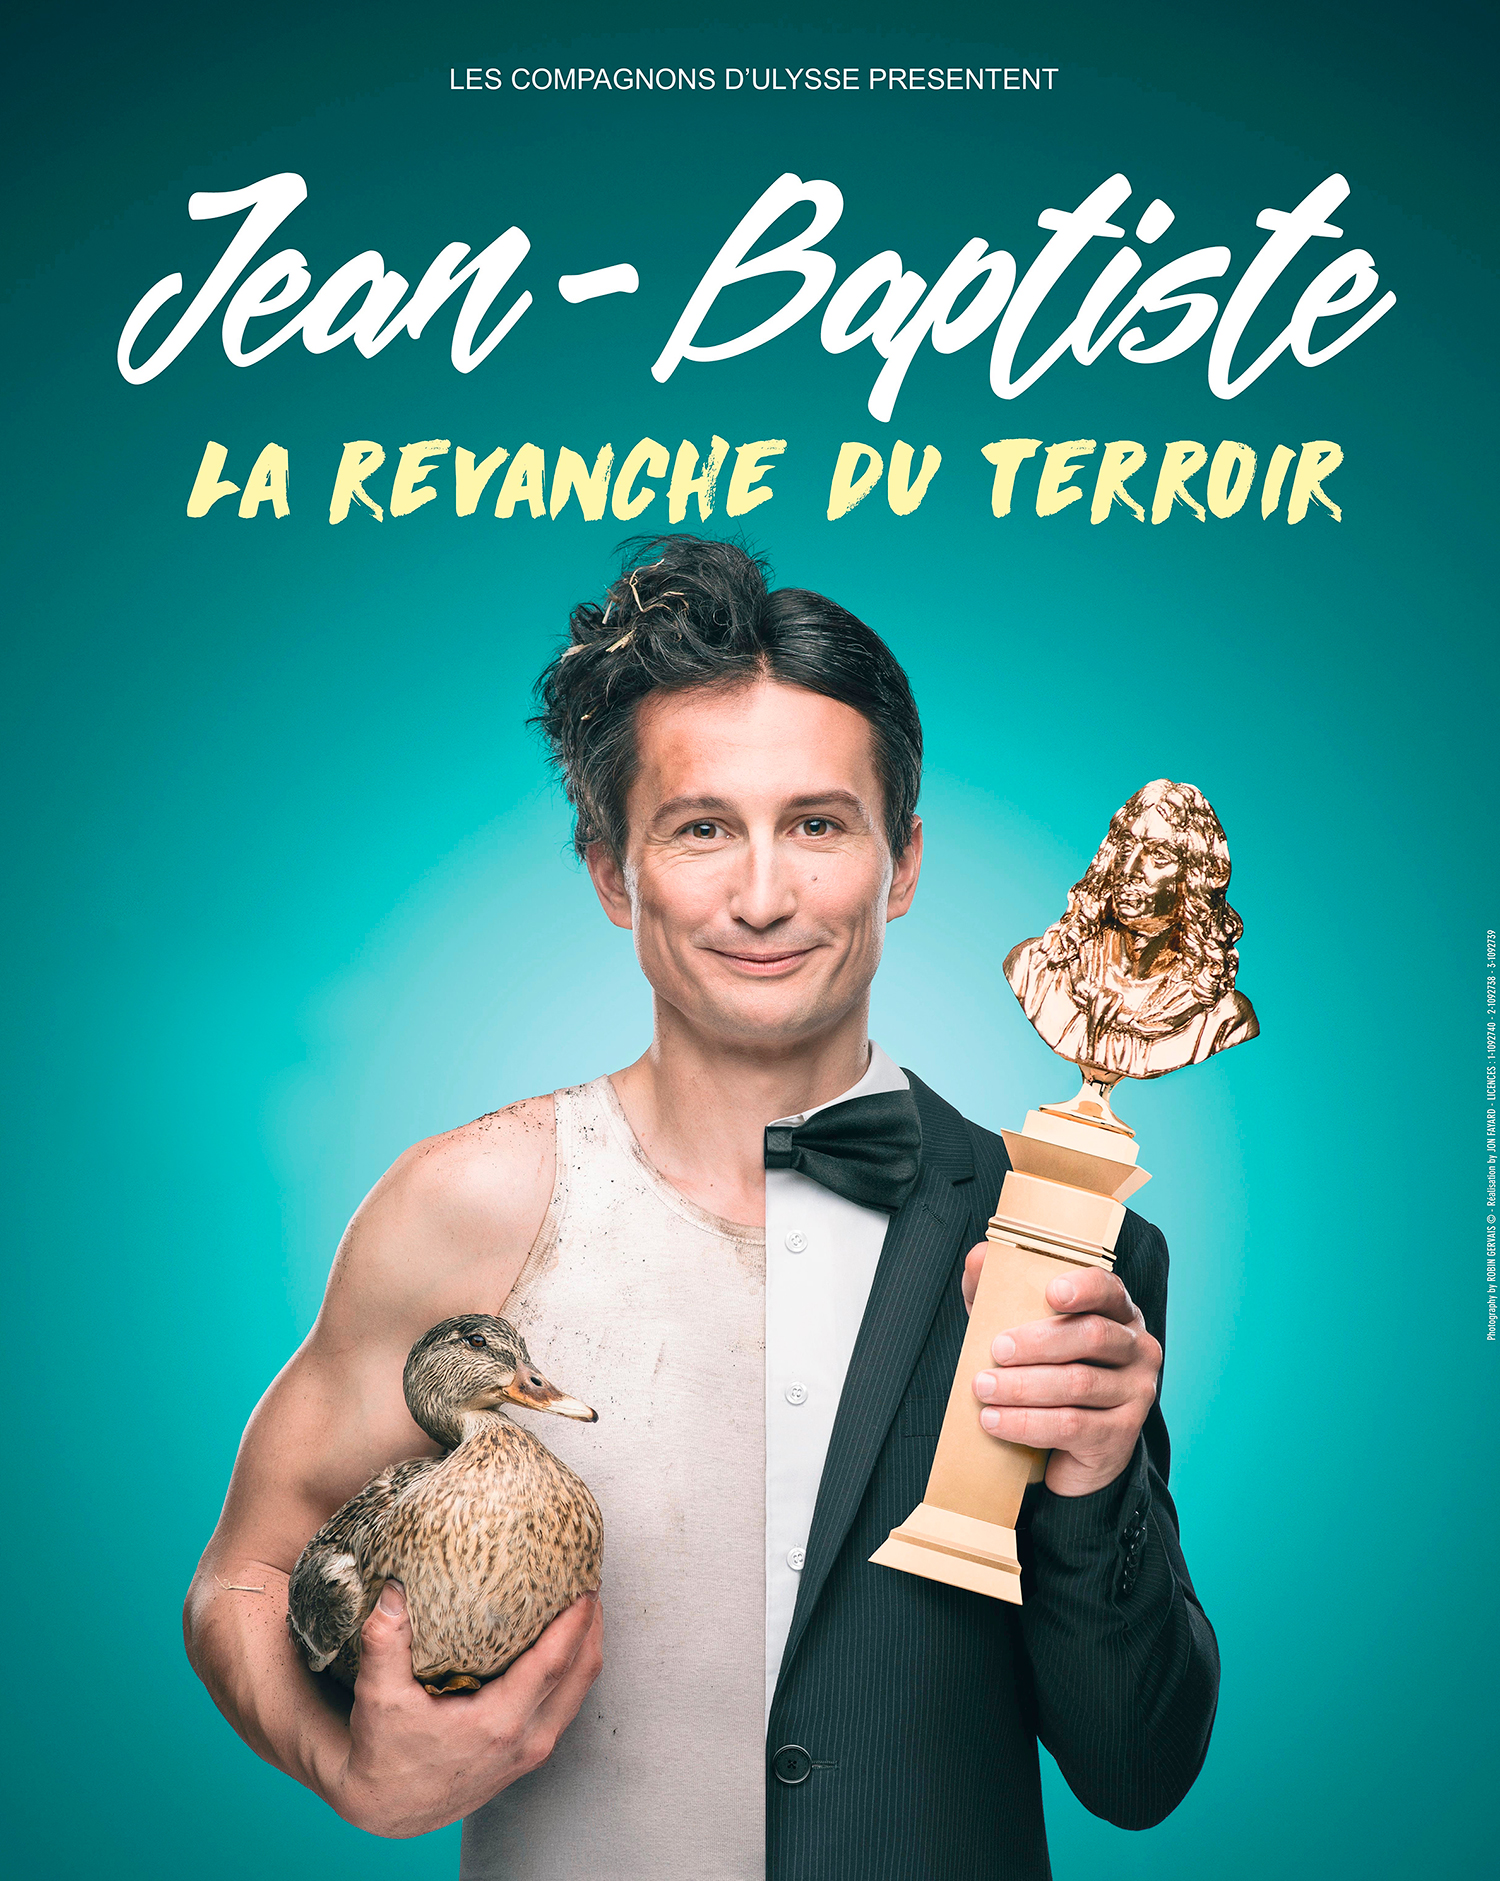 Jean-Baptiste, le 23 Février - Le Koek's